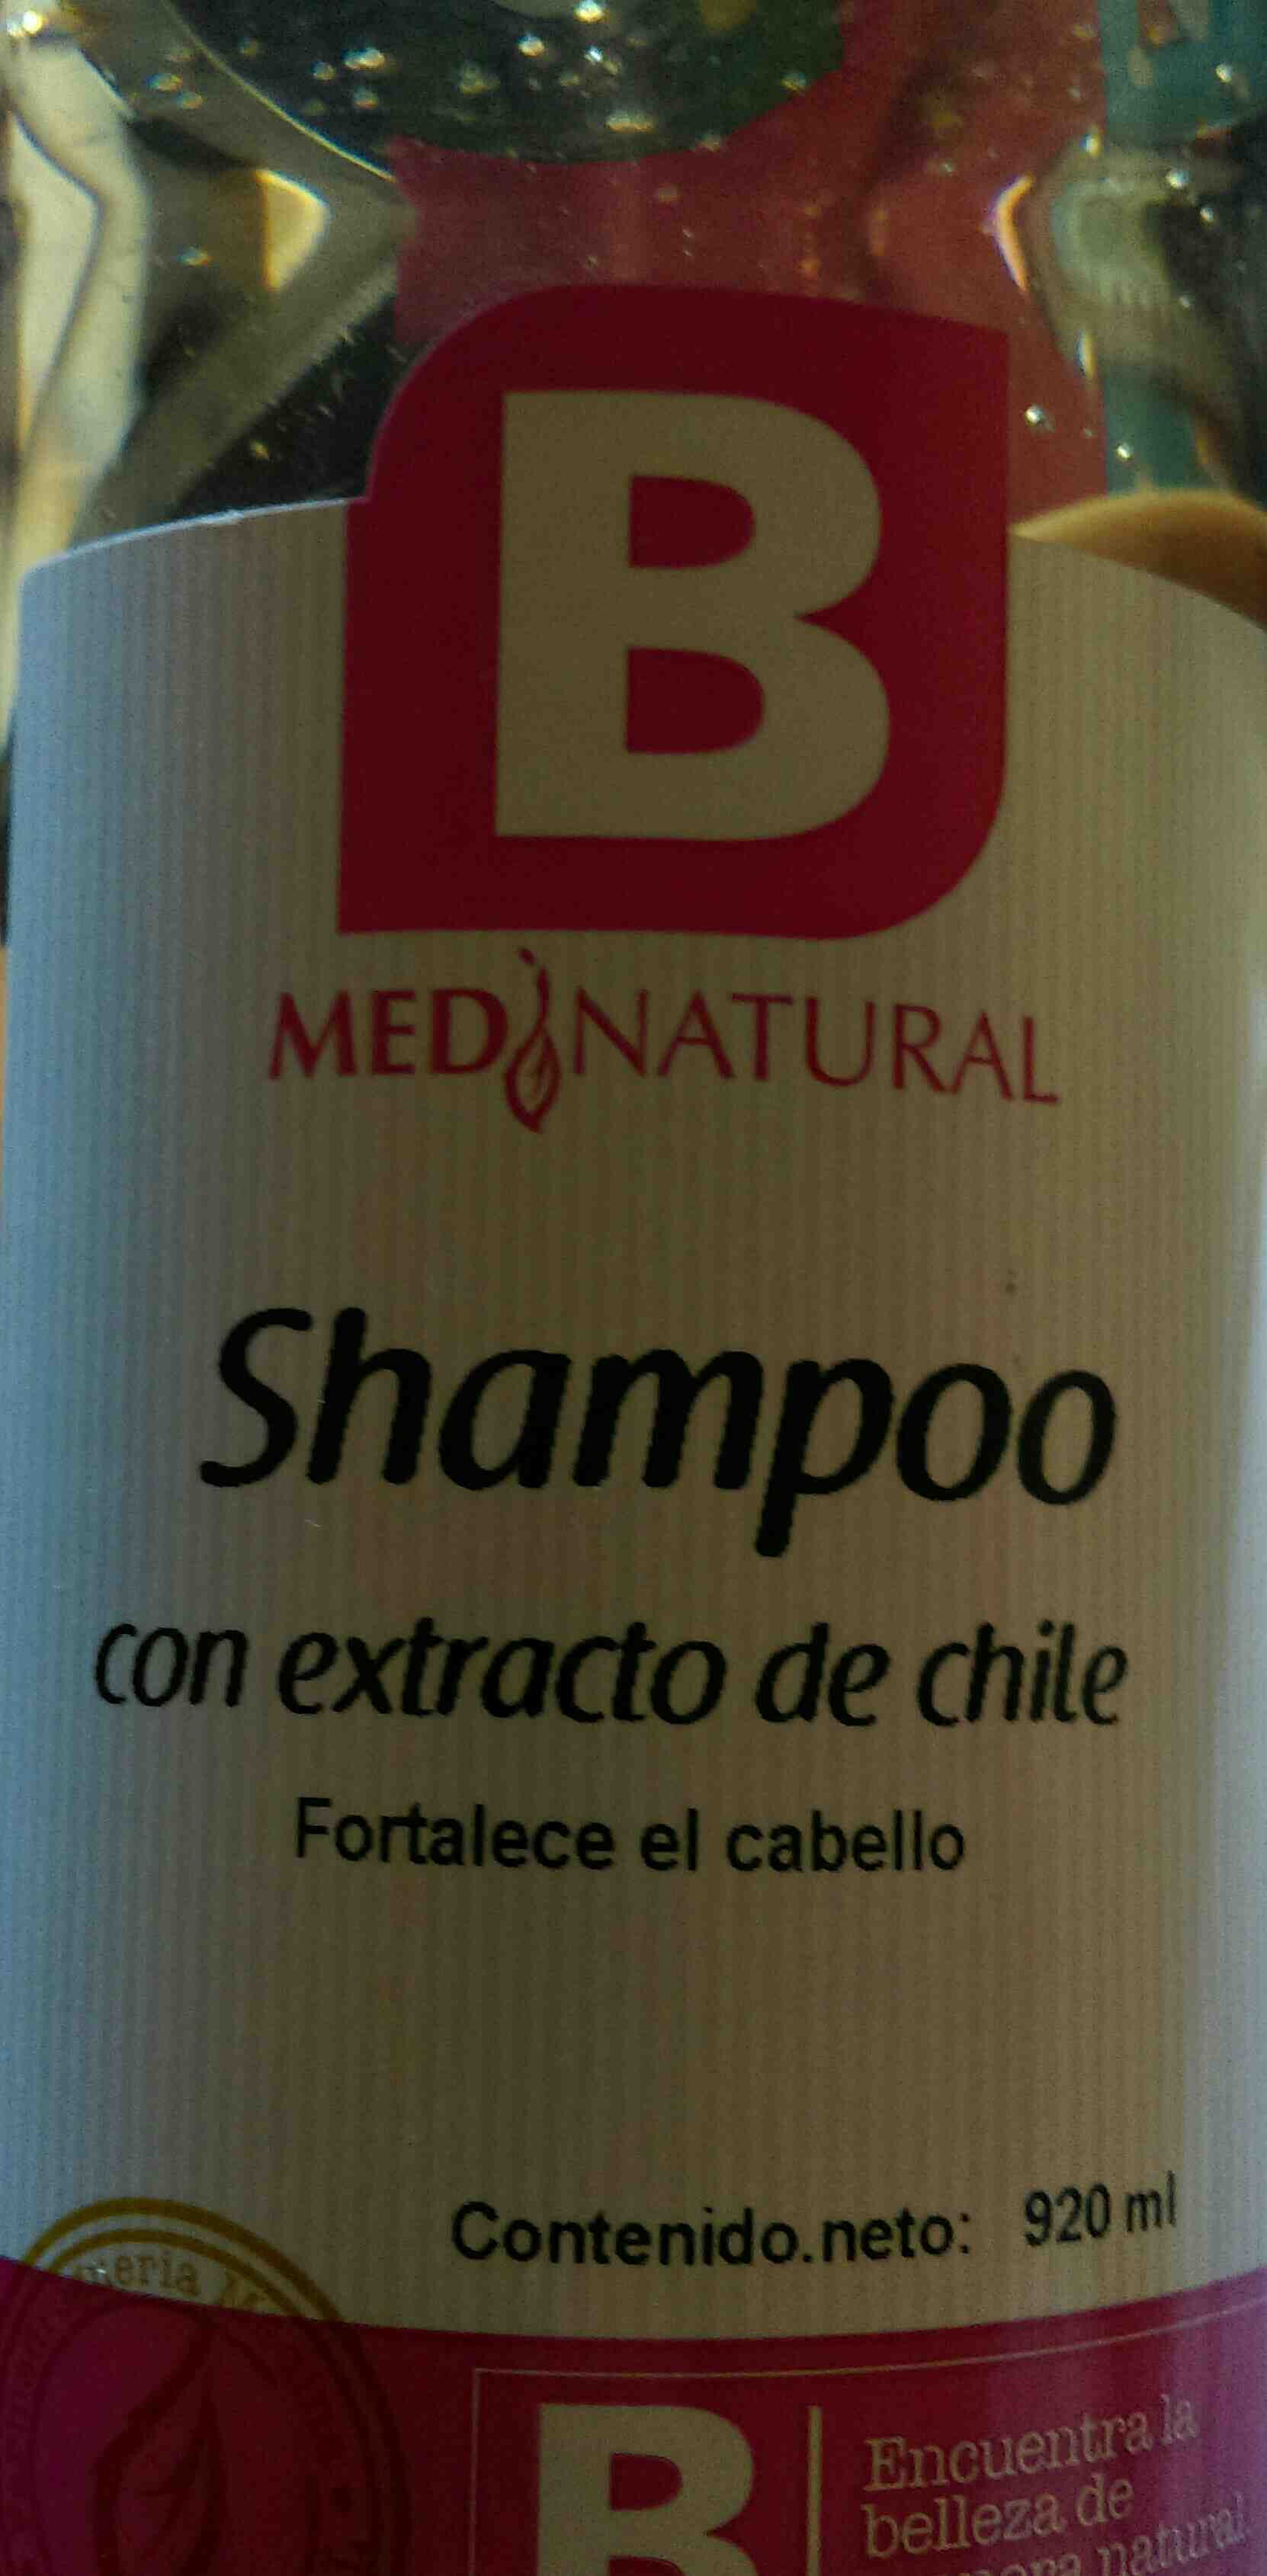 shampoo de chile Medina - Product - en